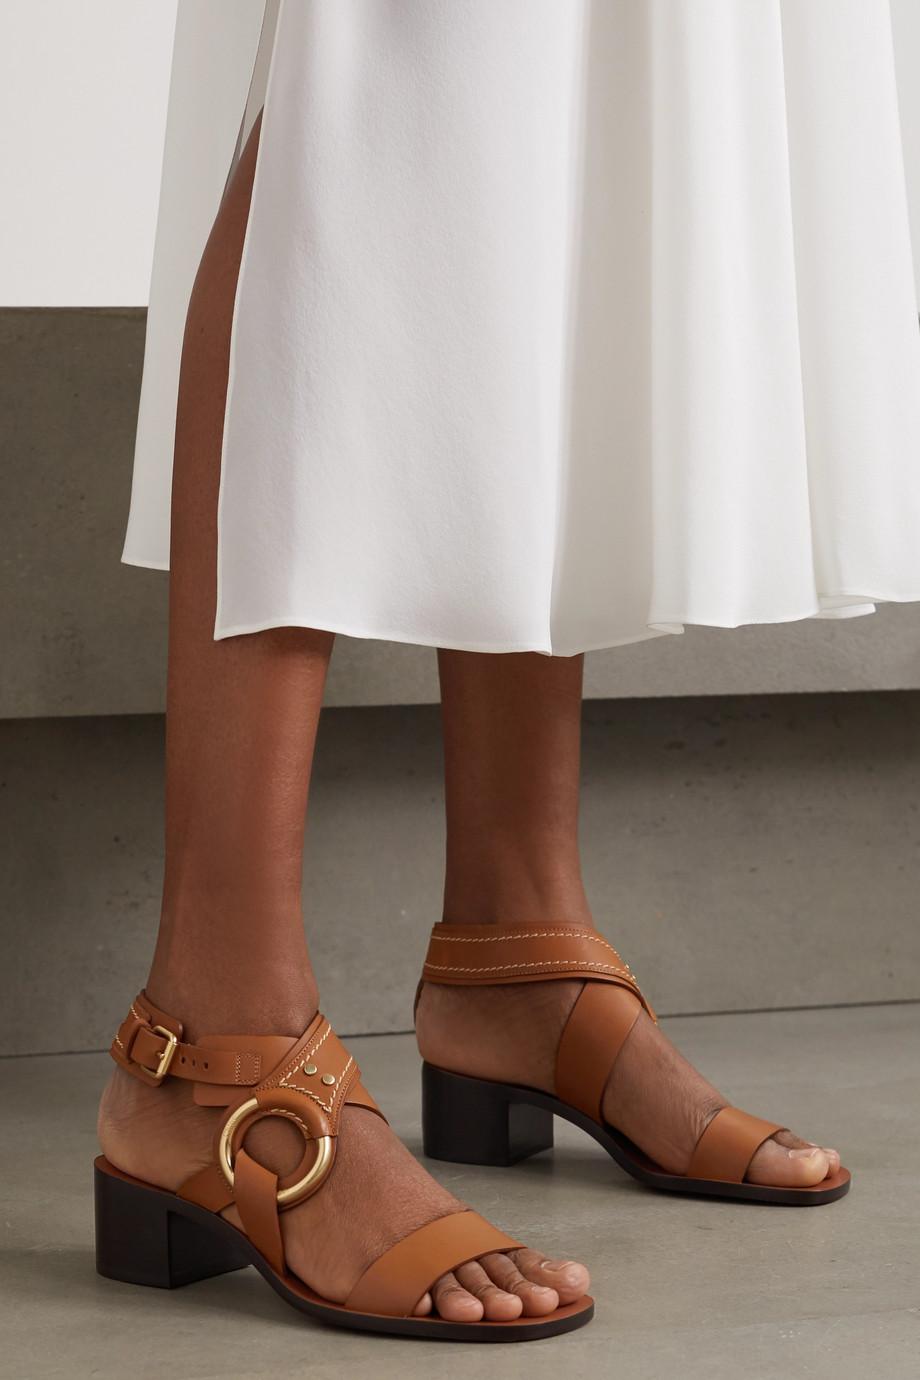 Chloé Demi embellished leather sandals